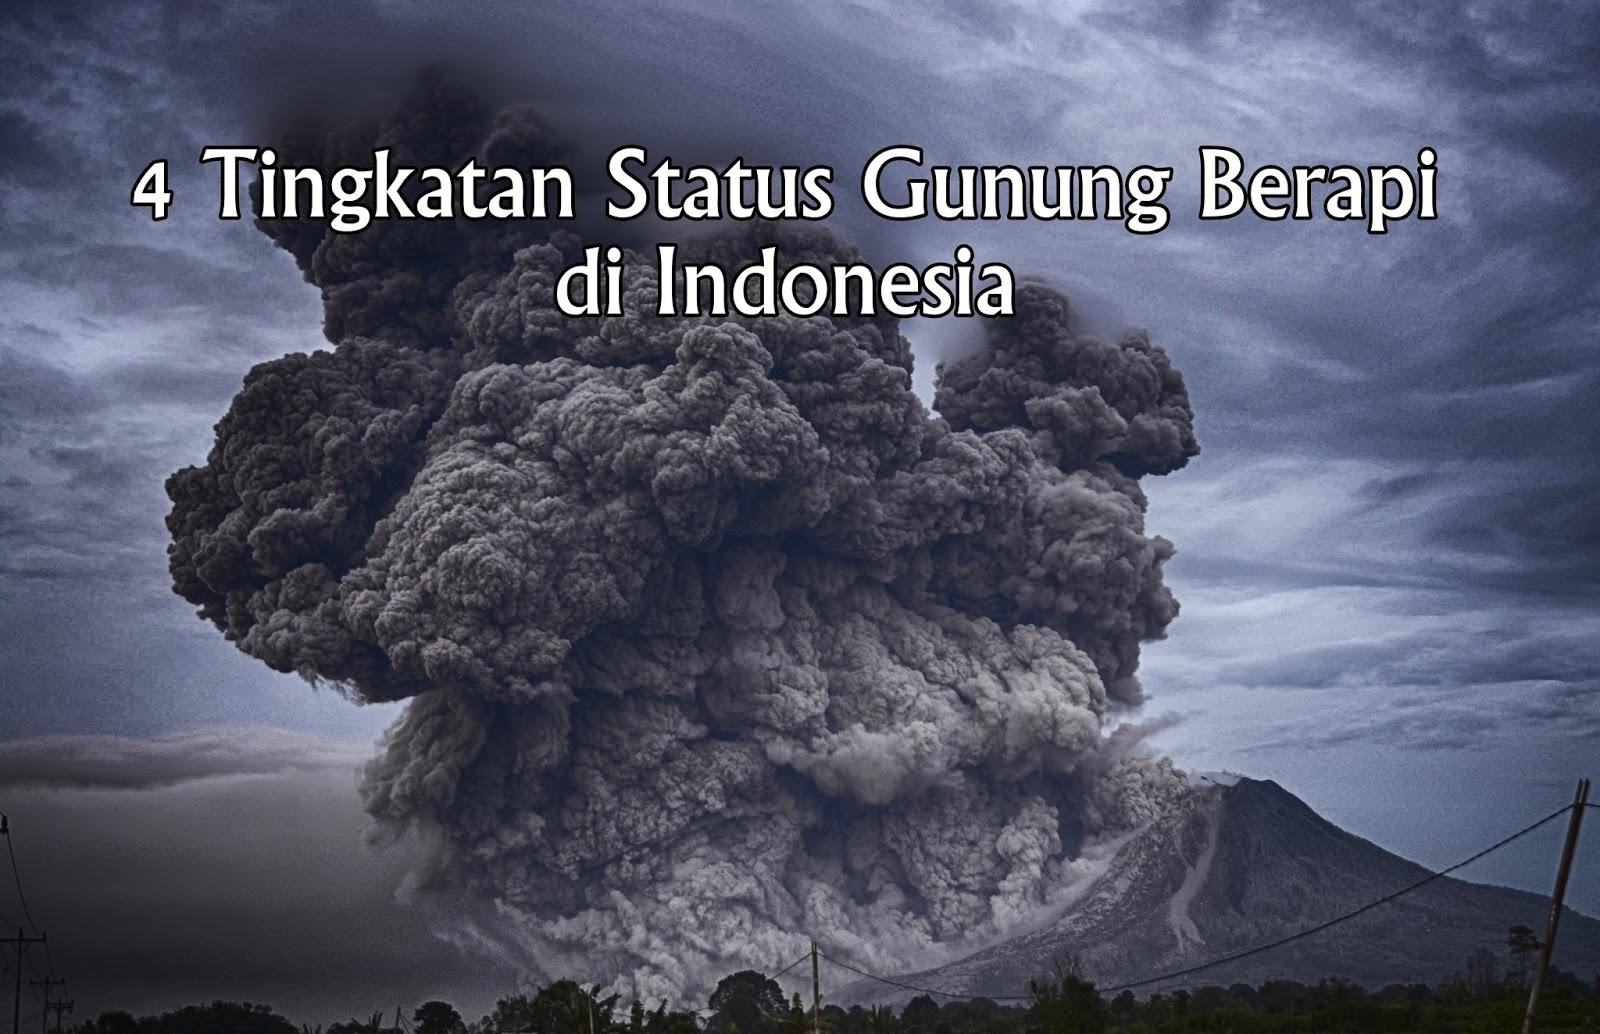 4 Tingkatan Status Gunung Berapi Di Indonesia Seorang Pendaki Harus Tahu Basecamp Pendaki